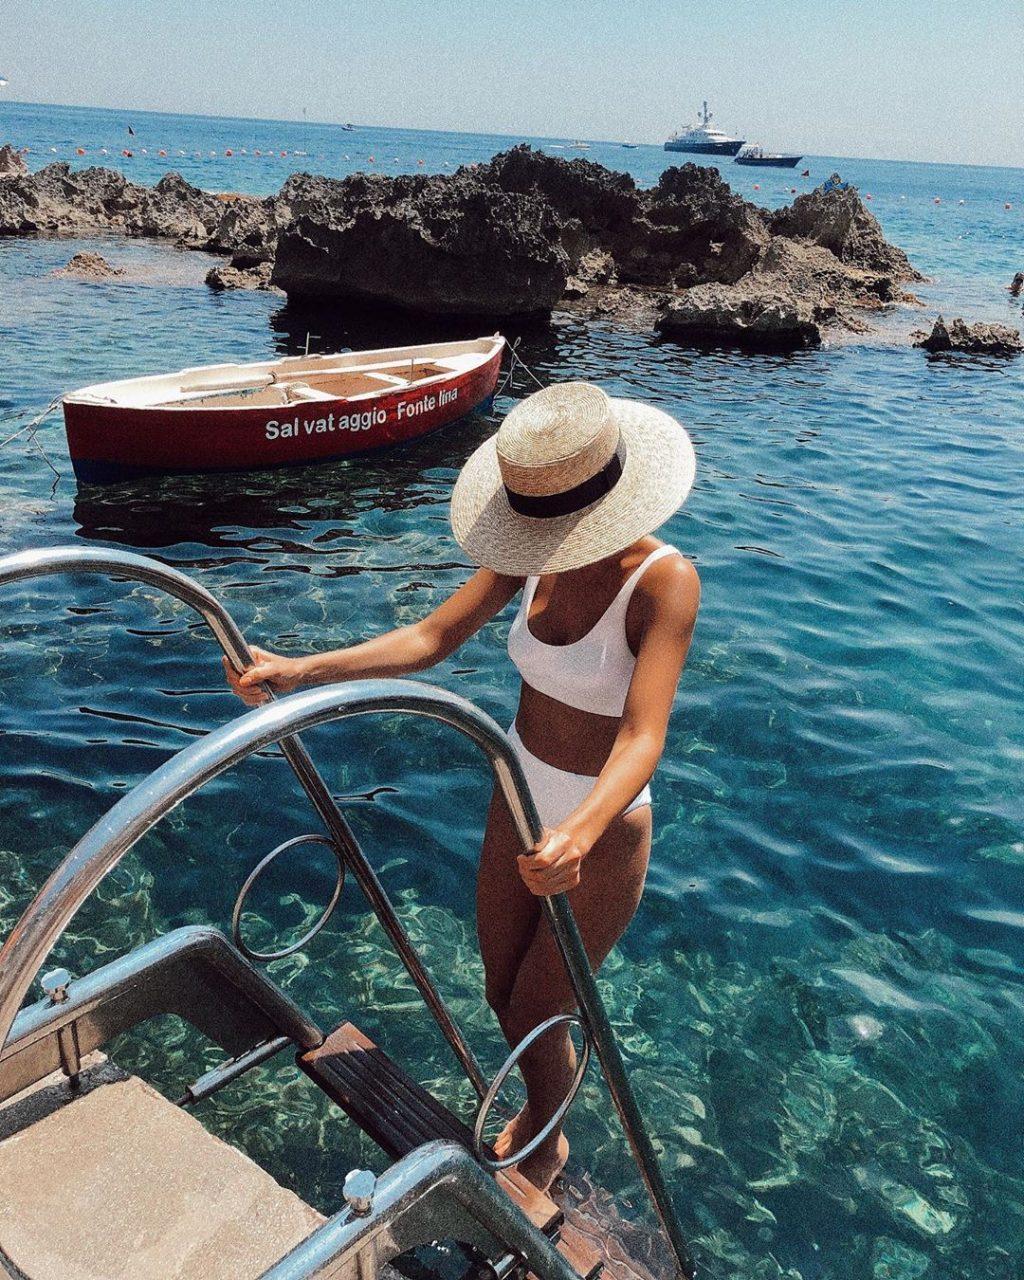 Fashionista mặc bikini cạp cao màu trắng đội mũ trắng